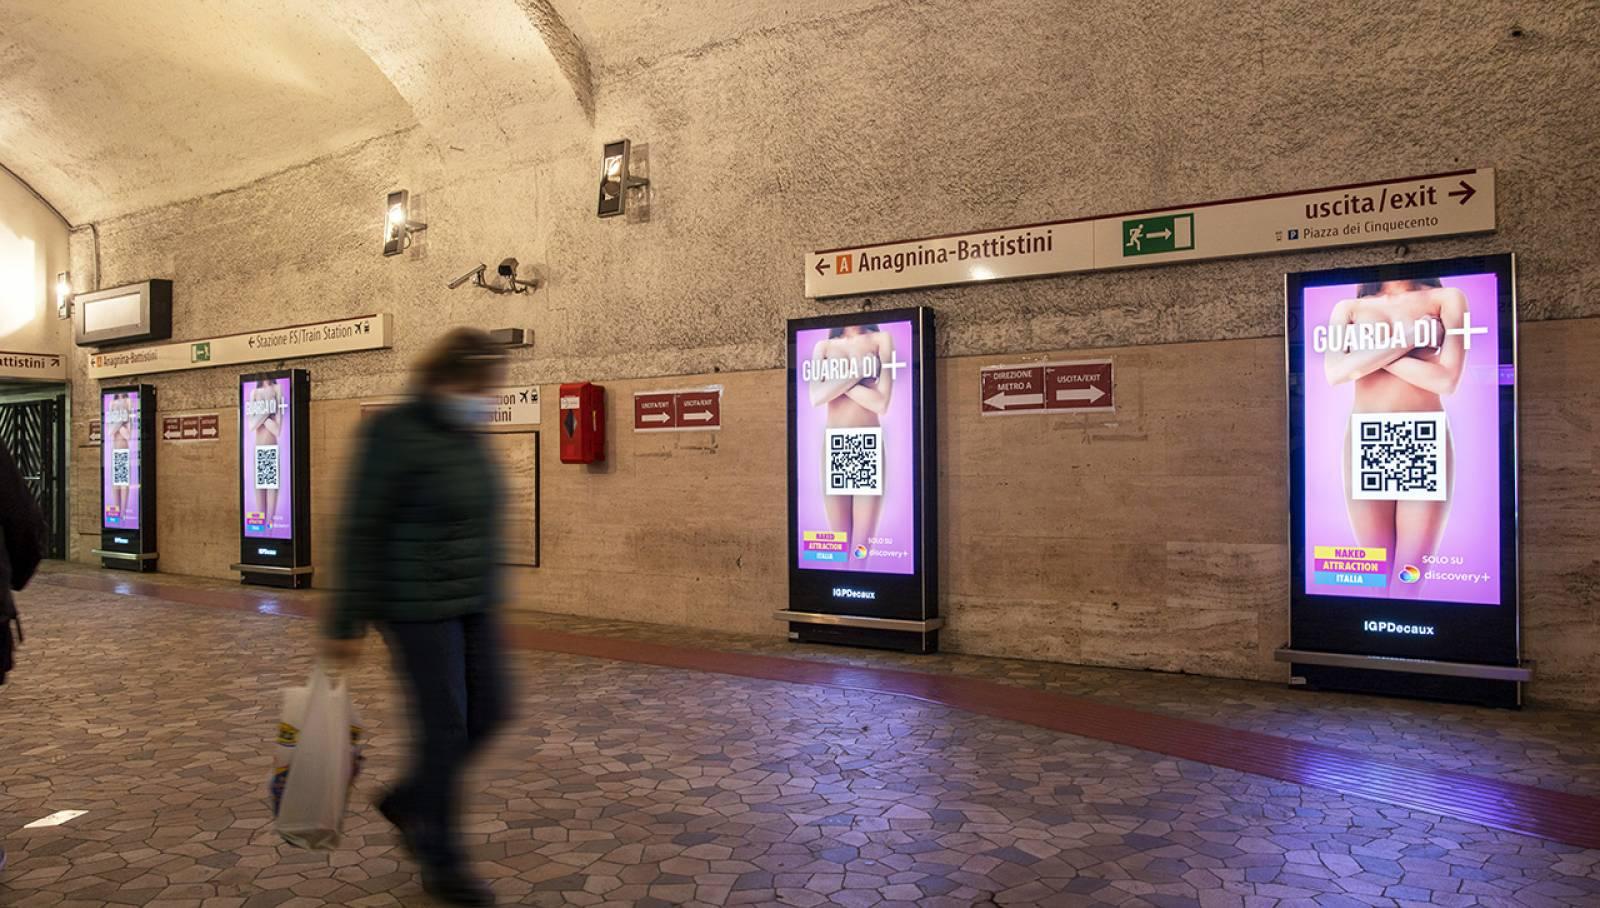 Pubblicità metro Roma IGPDecaux Network Vision per Discovery Italia